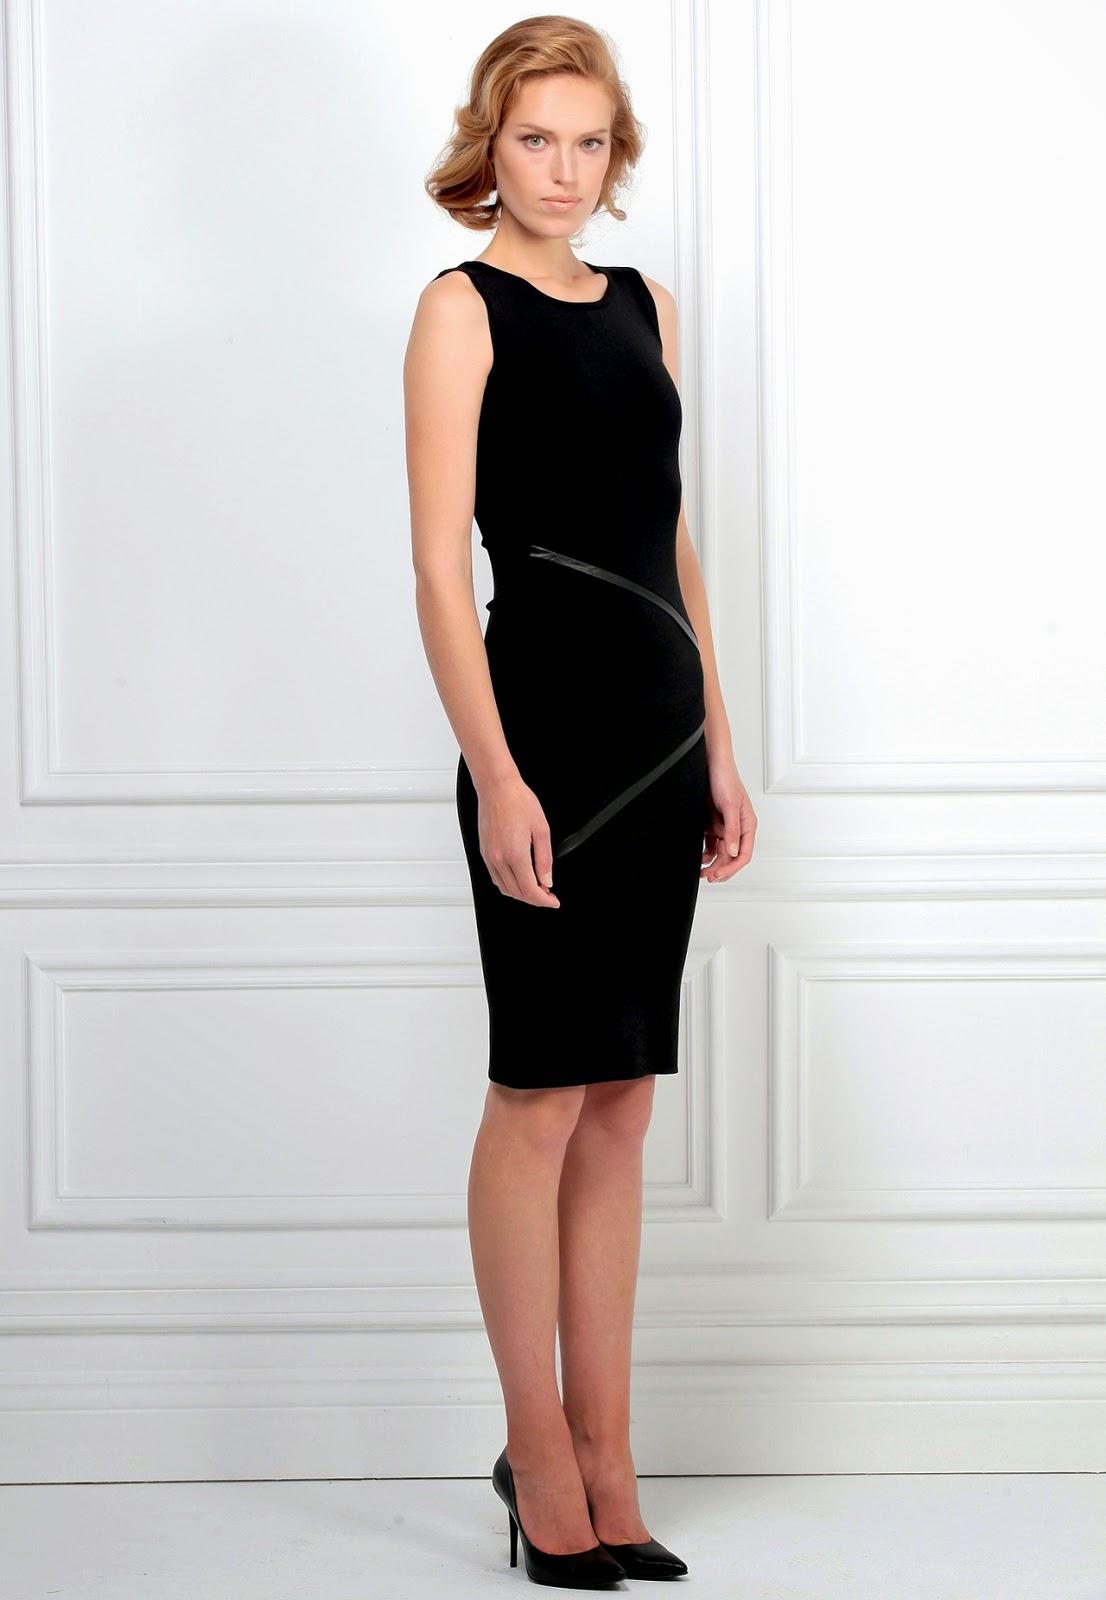 deri garnili elbise, dar elbise, siyah elbise, kısa elbise, kolsuz elbise, 2015 elbise modelleri, adil ışık elbise